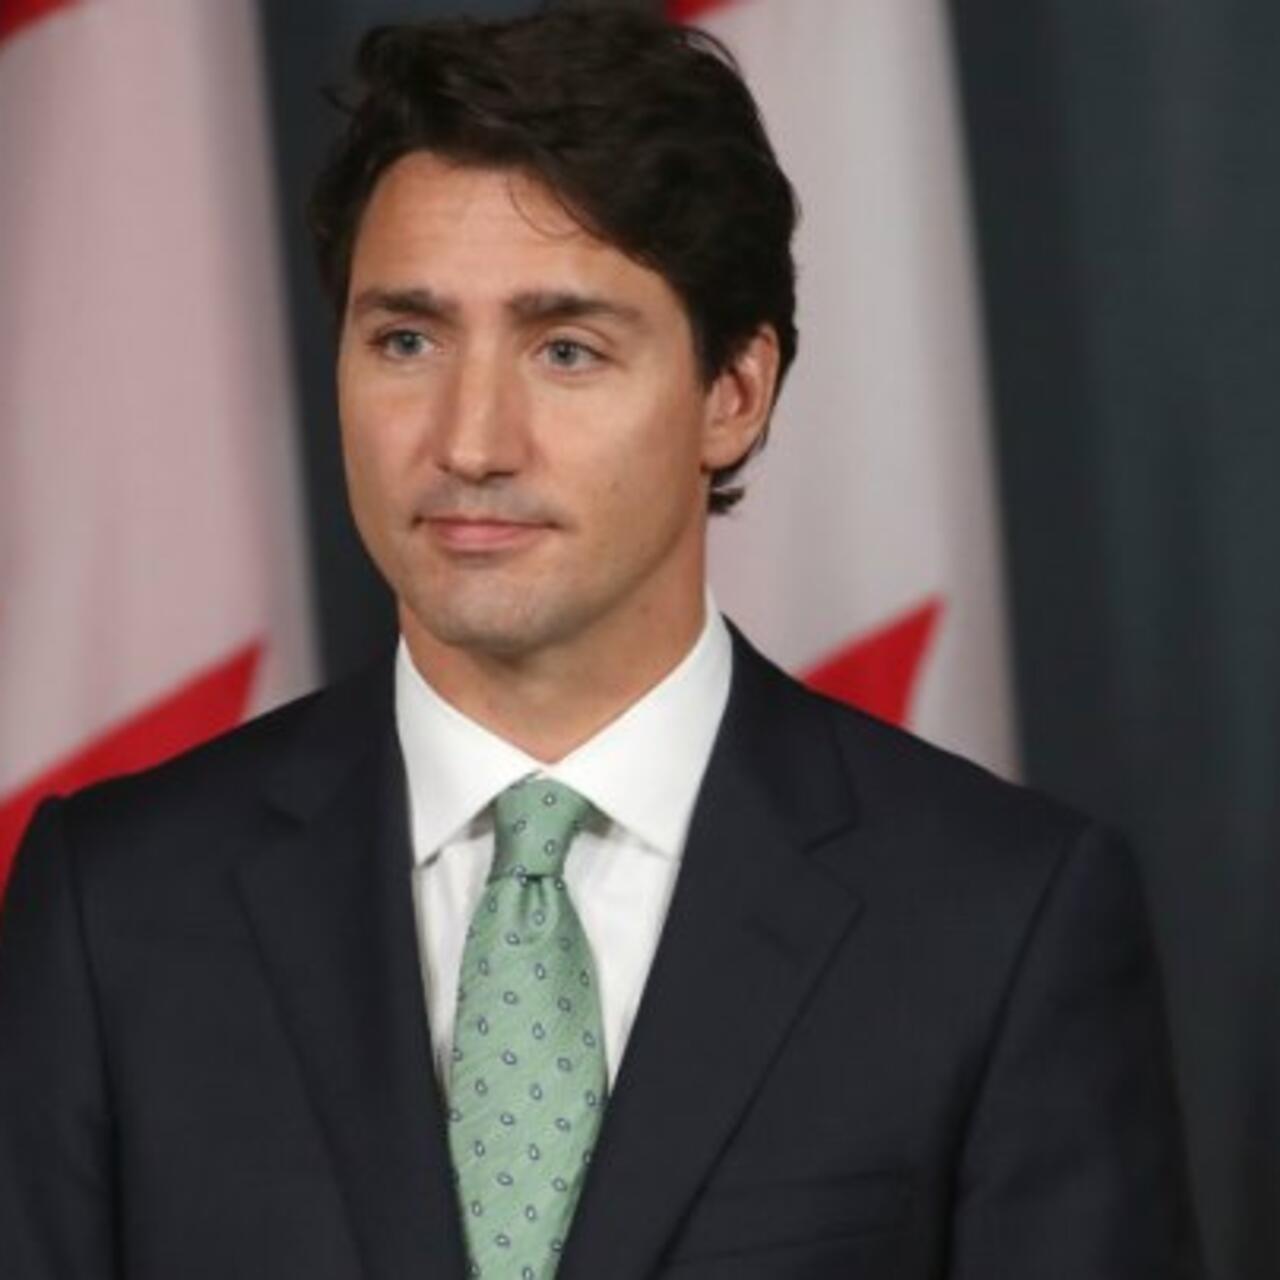 كندا فتح تحقيق في تمضية رئيس الوزراء عطلة رأس السنة بضيافة ملياردير